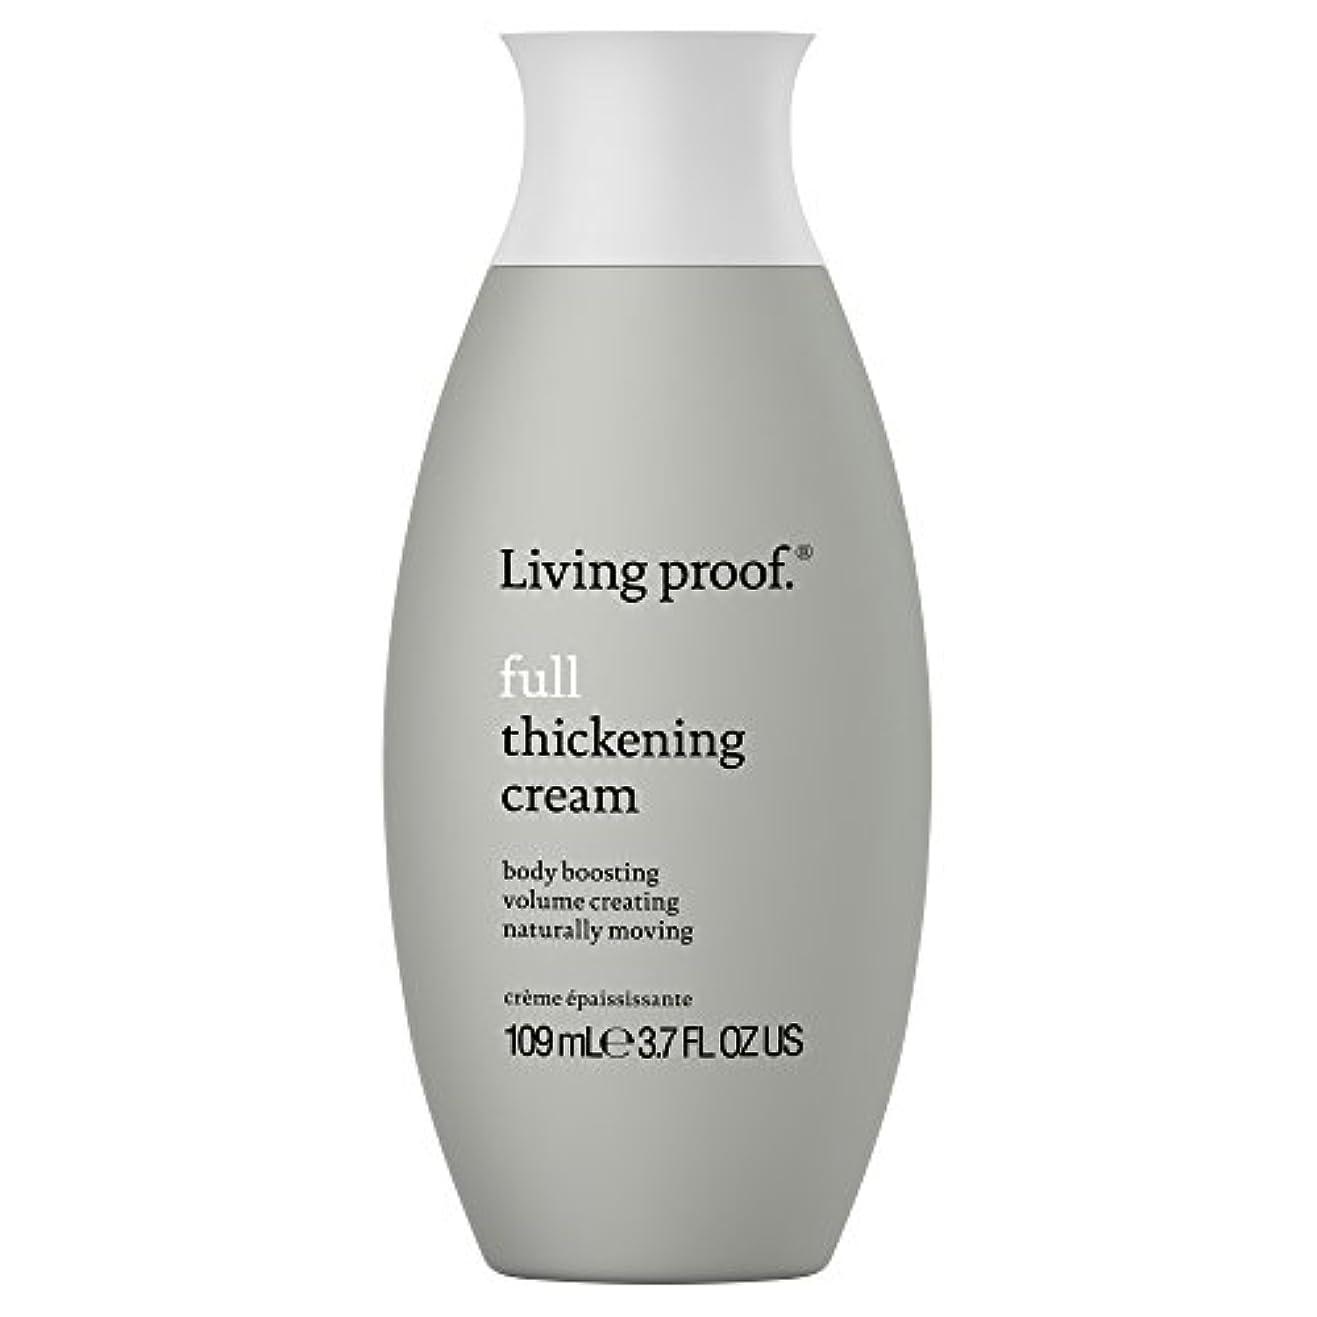 みなさん船尾クラシック生きている証拠フル肥厚クリーム109ミリリットル (Living Proof) (x2) - Living Proof Full Thickening Cream 109ml (Pack of 2) [並行輸入品]